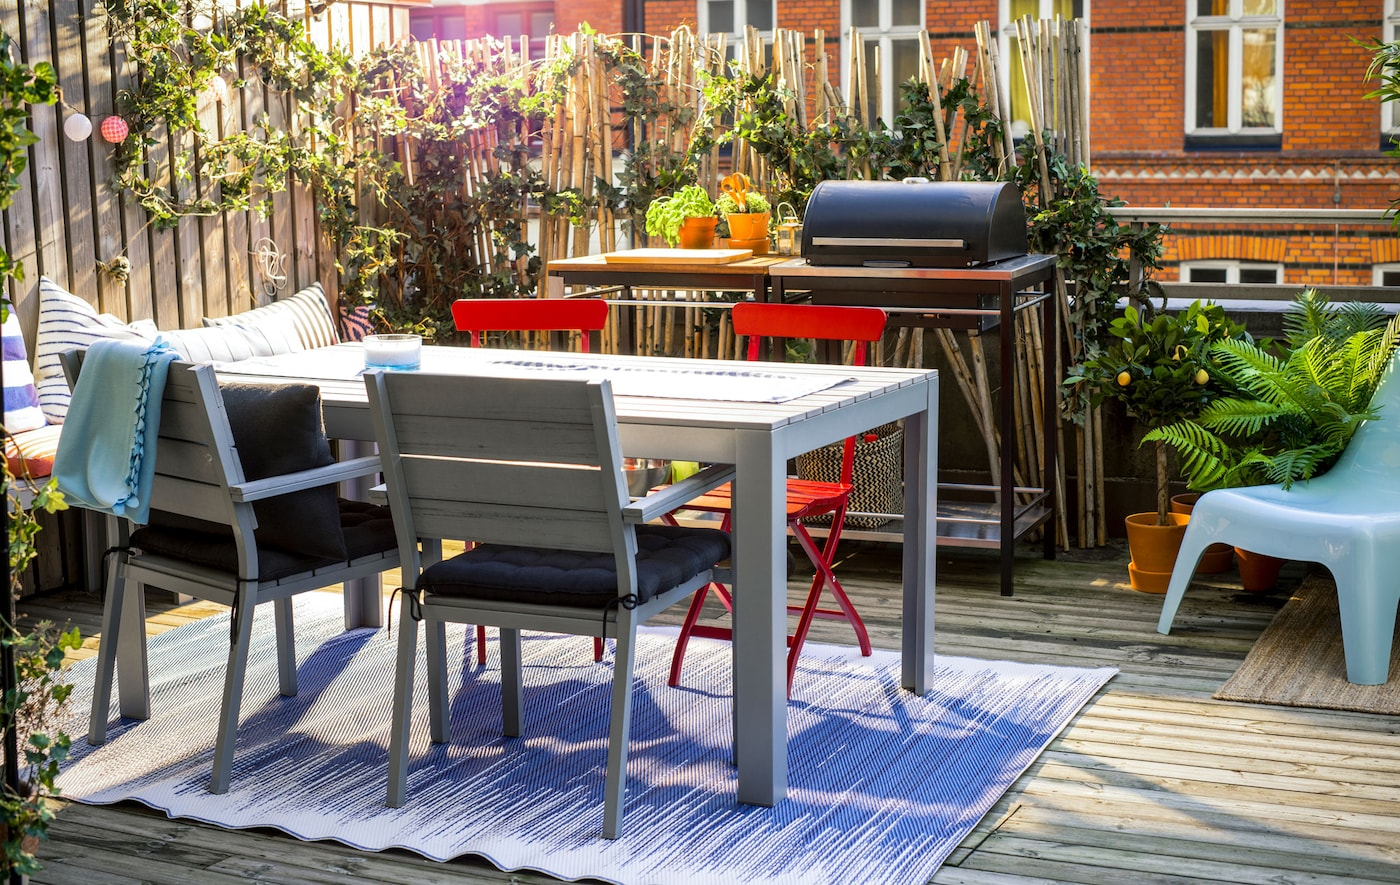 Balcon avec table et chaises, banc, barbecue et grand nombre de plantes vertes.